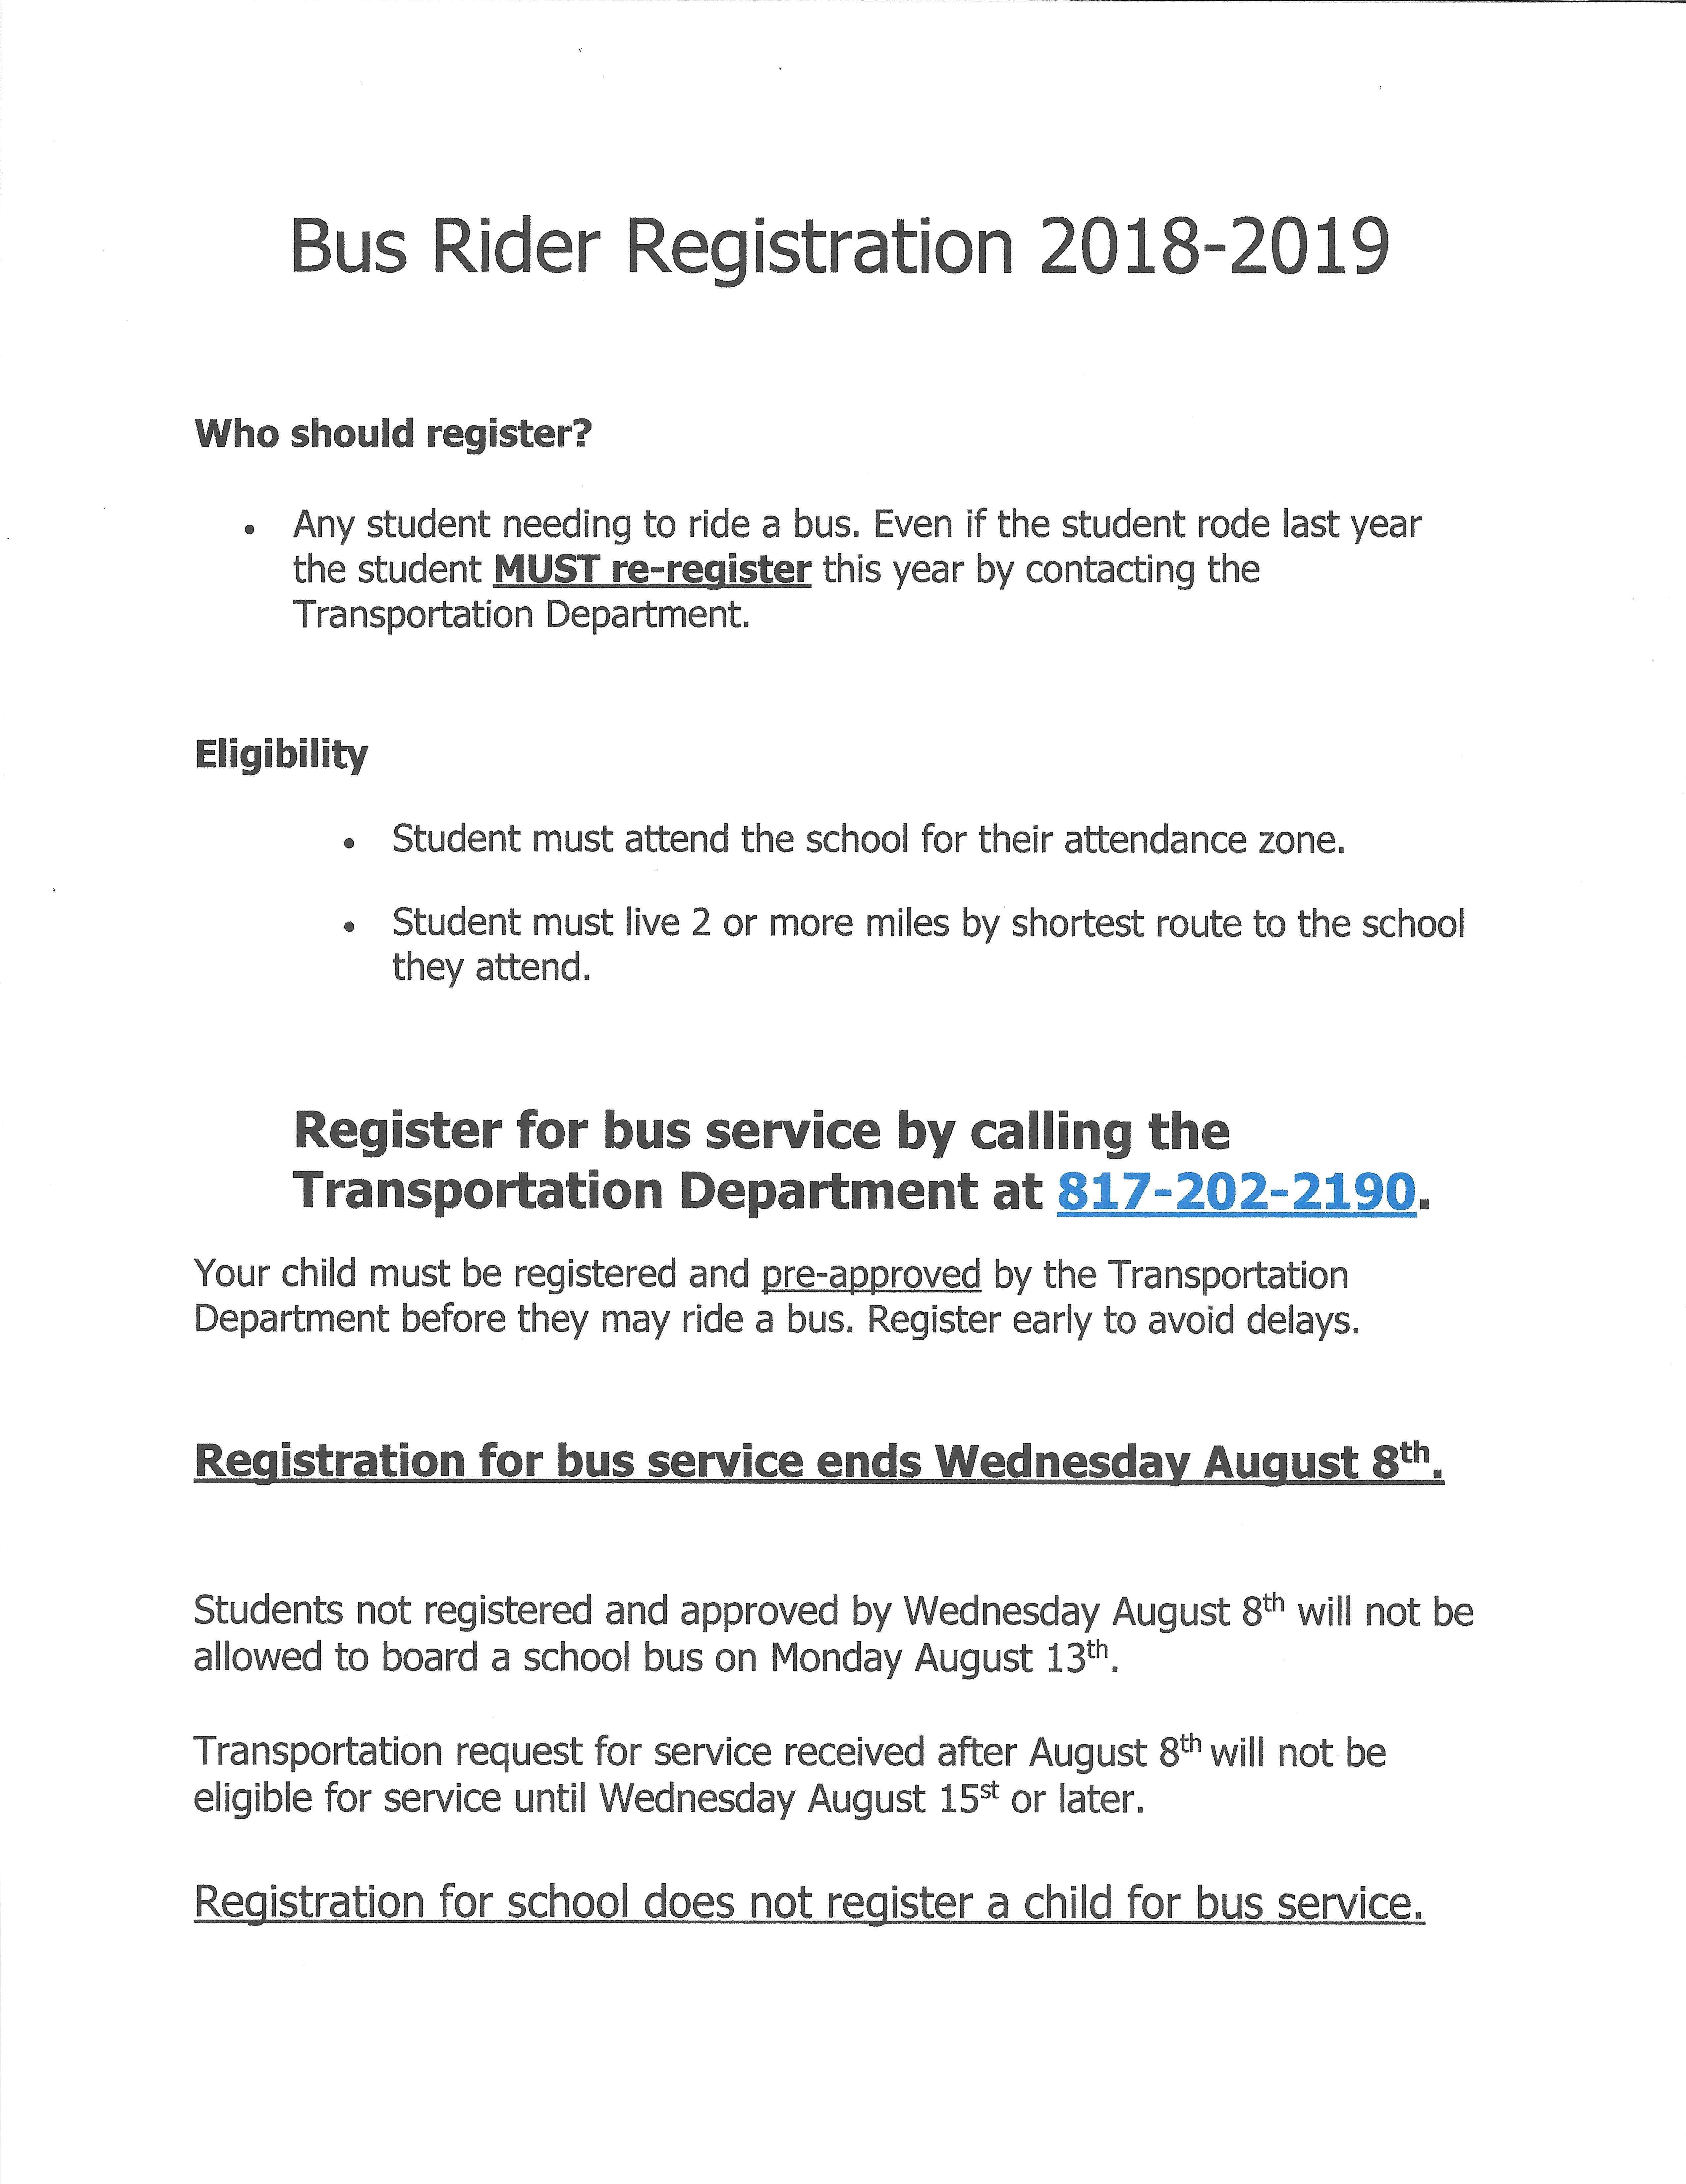 Bus Rider Registration 2018-19 / call 817-202-2190